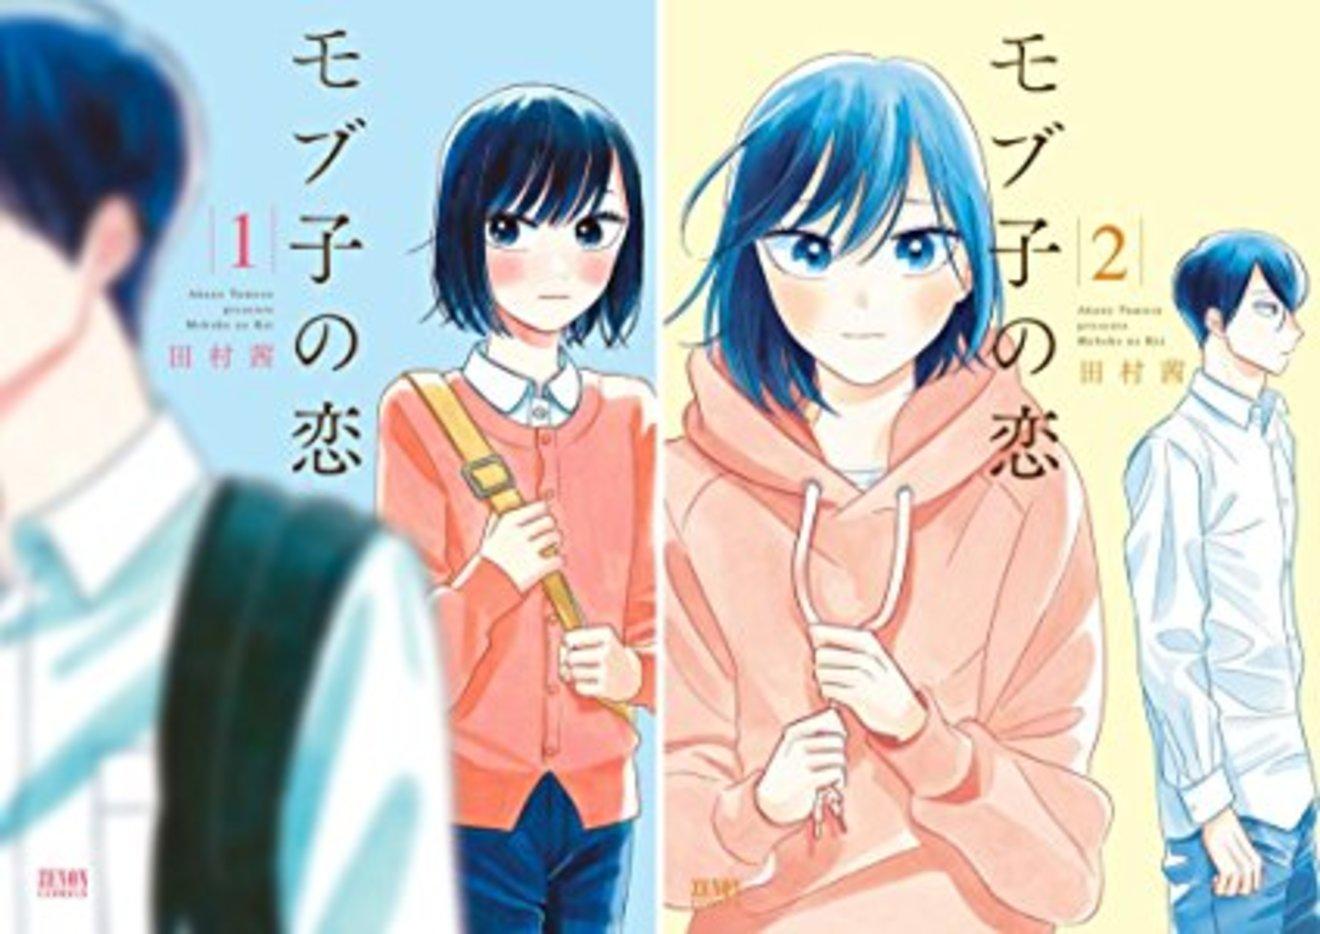 『モブ子の恋』にキュン死に!最新4巻までの見所を全巻ネタバレ紹介【無料】